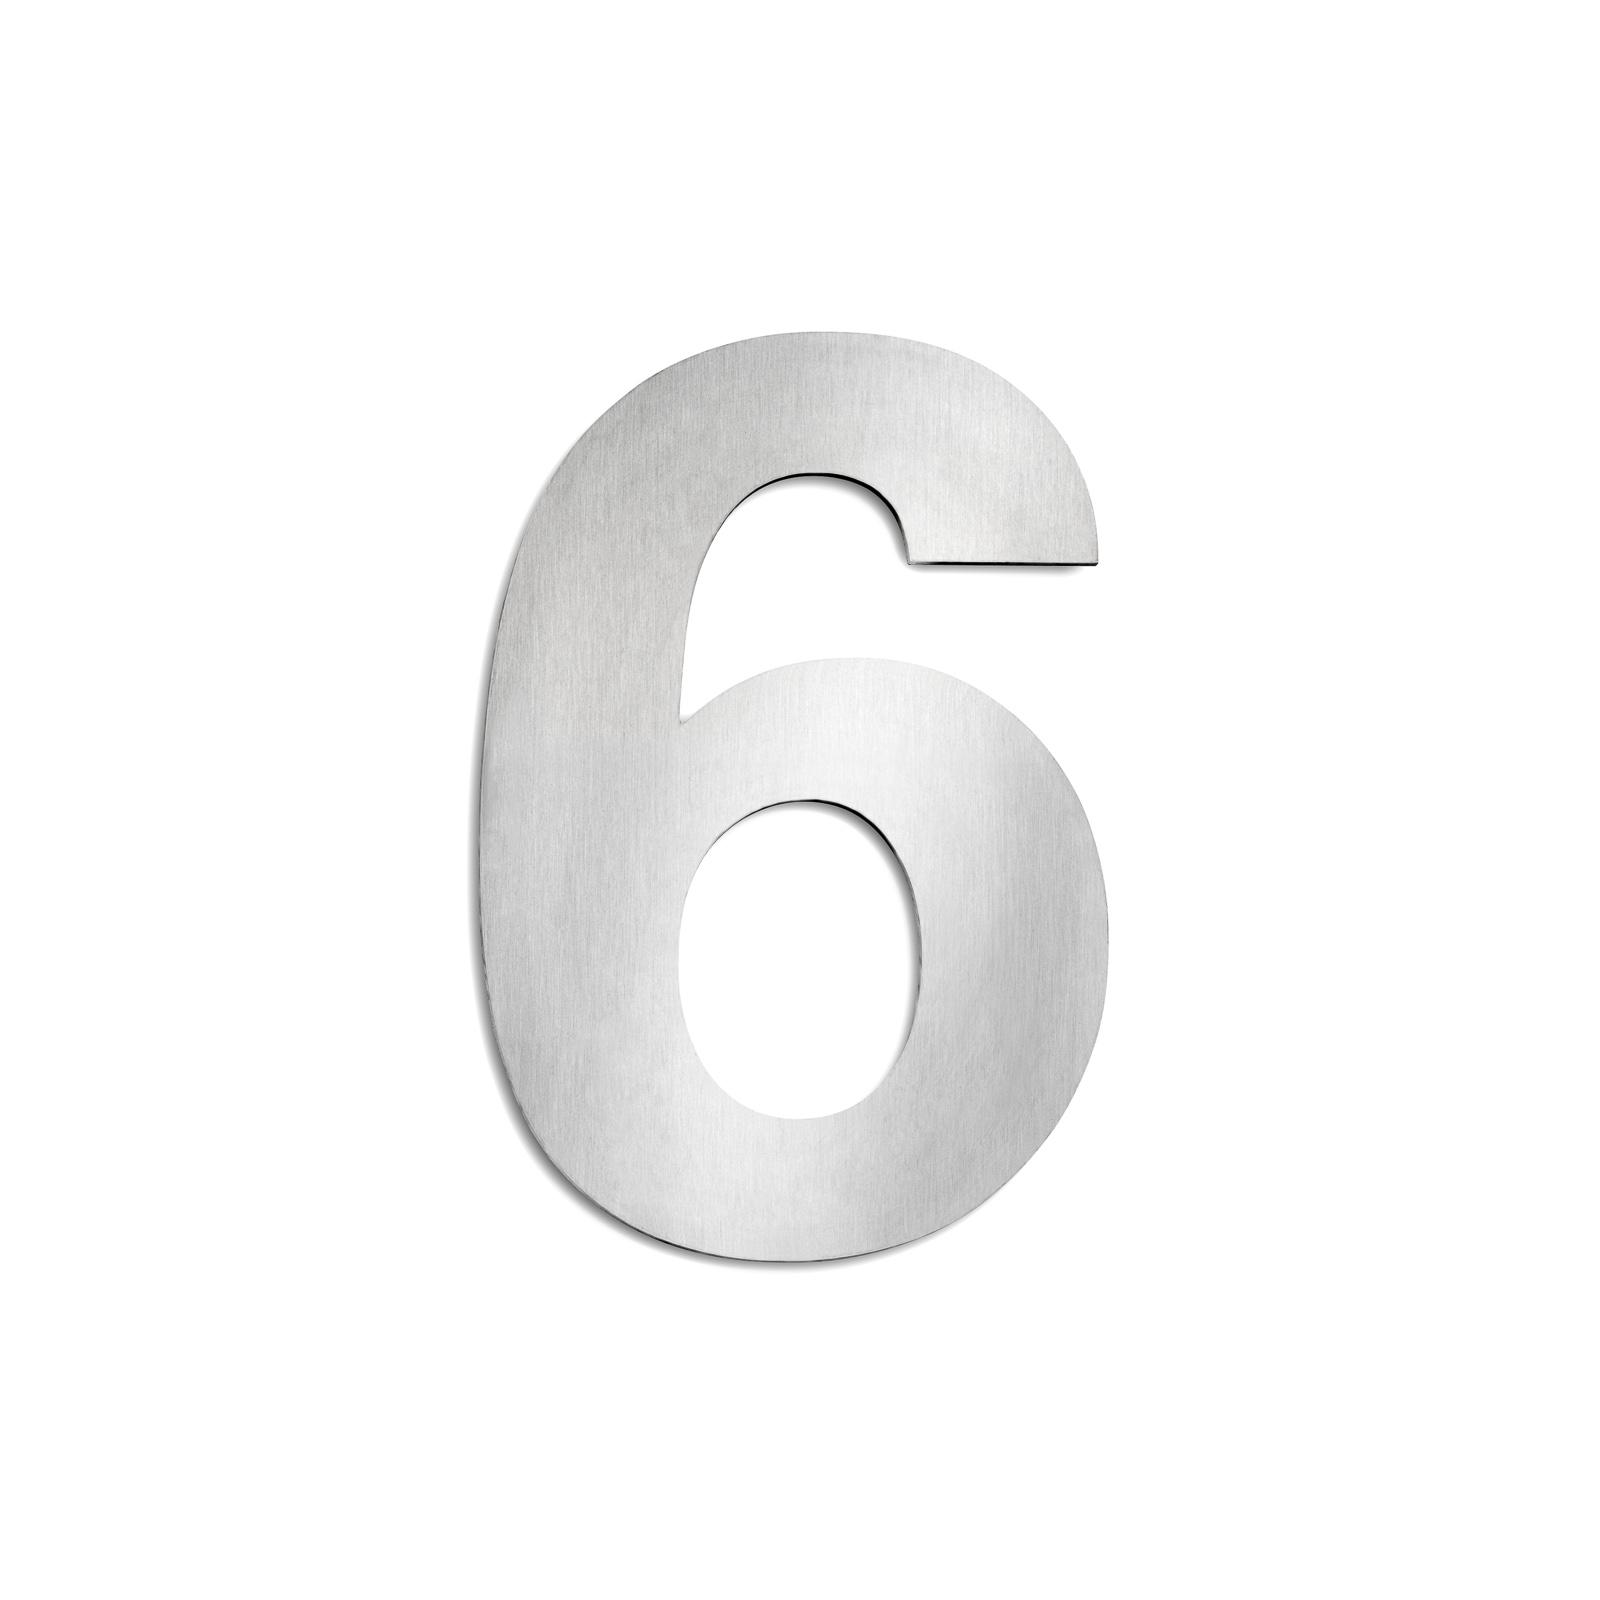 Domovní čísla z ušlechtilé oceli velikost 6